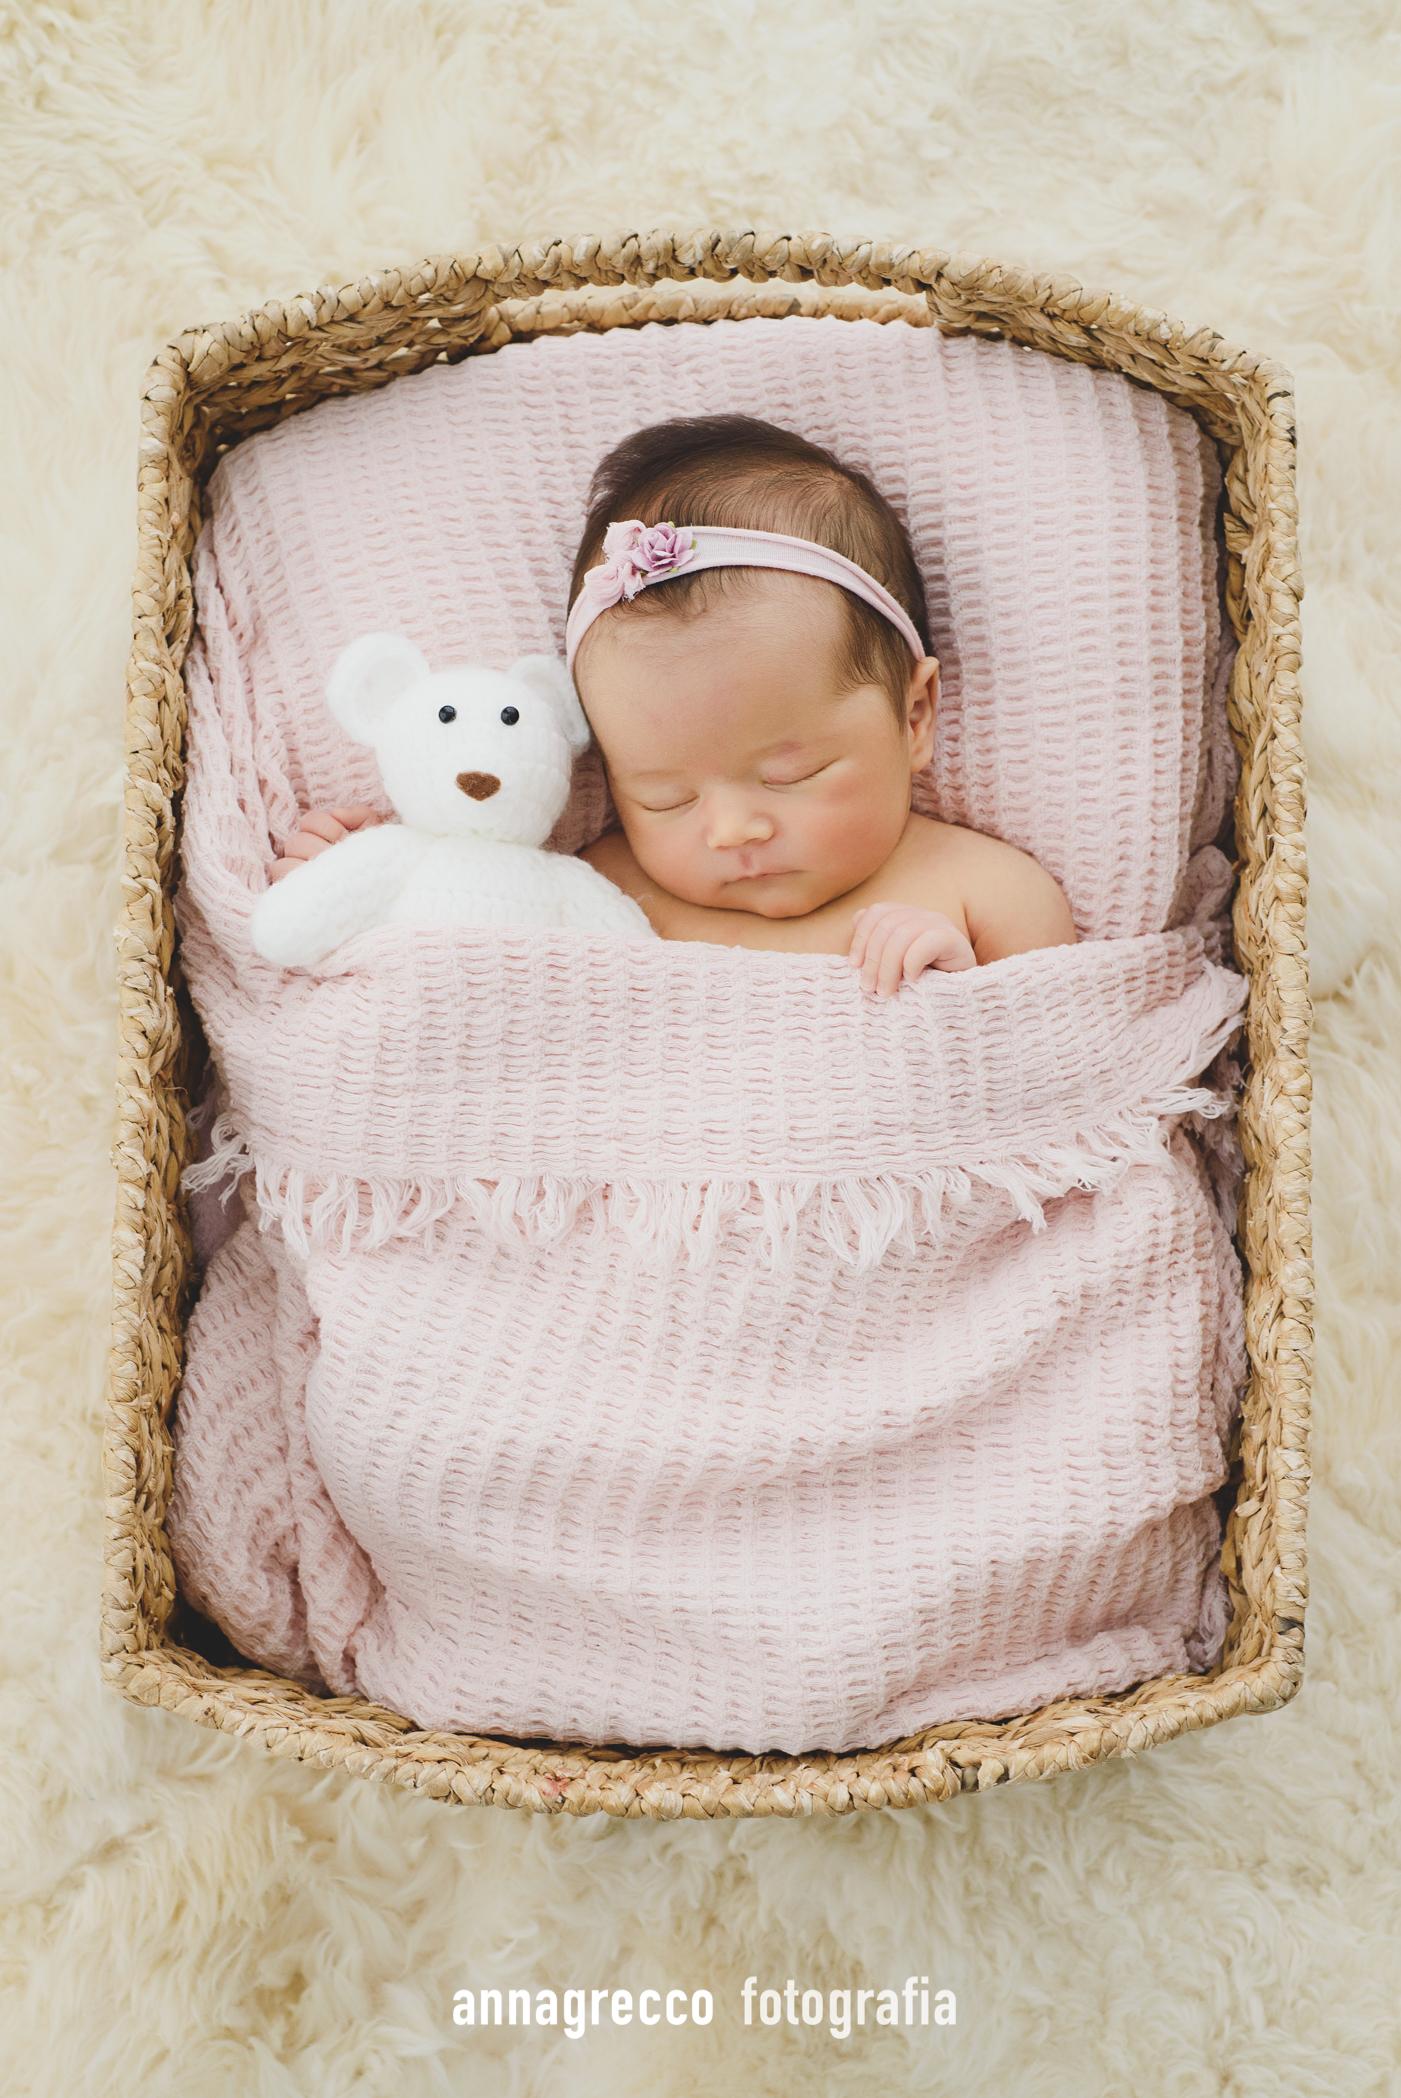 Newborn - Anna Grecco - Estúdio de fotografia em Campinas, book de bebês, newborn, recém-nascido